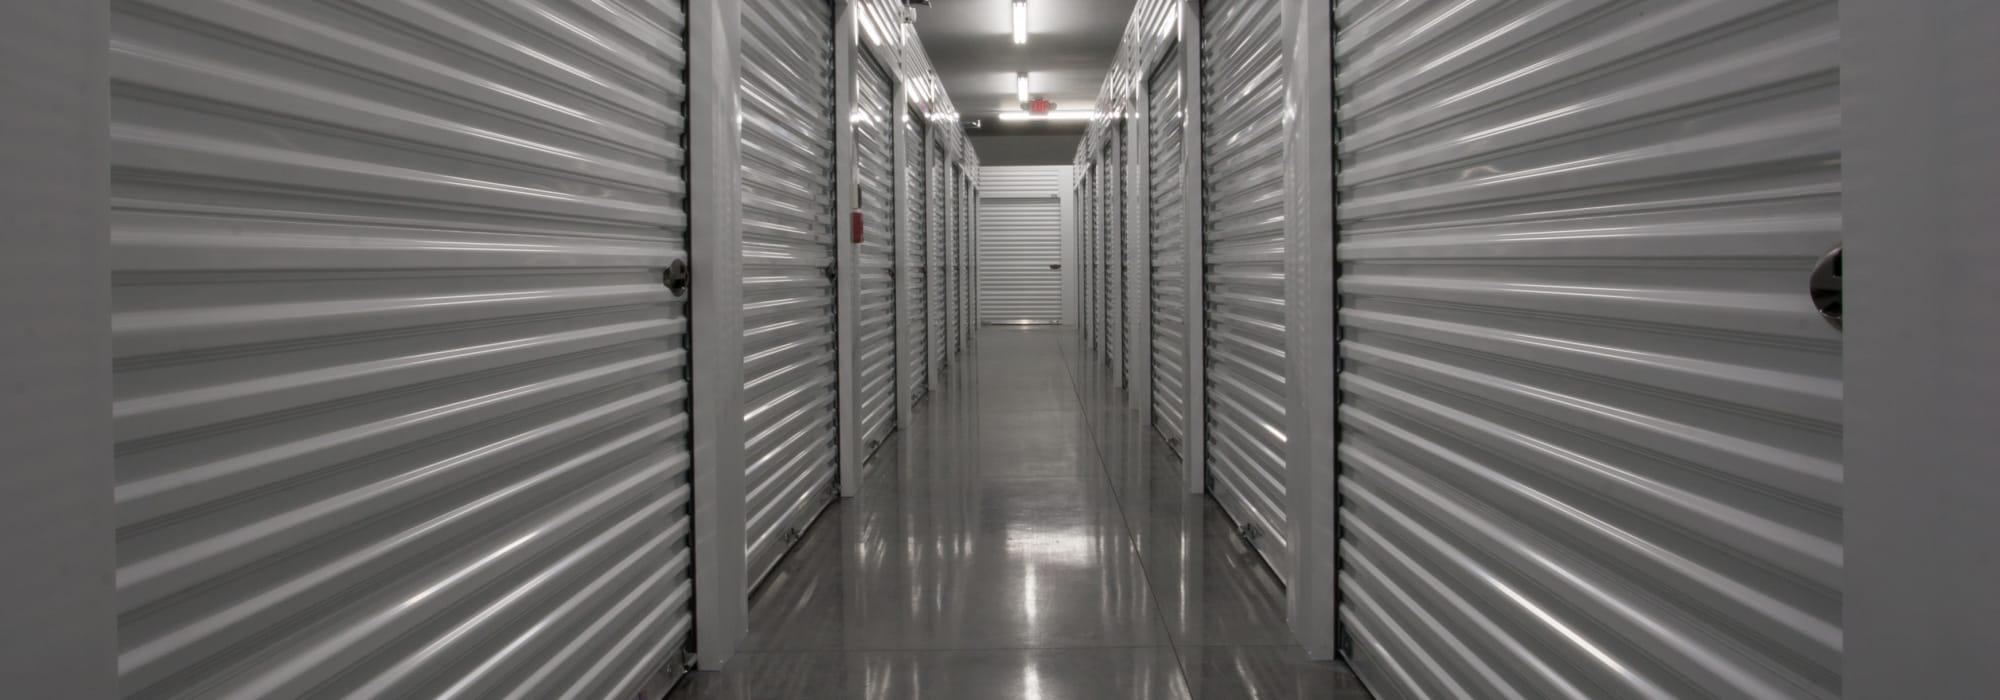 Self storage in Fairhope AL